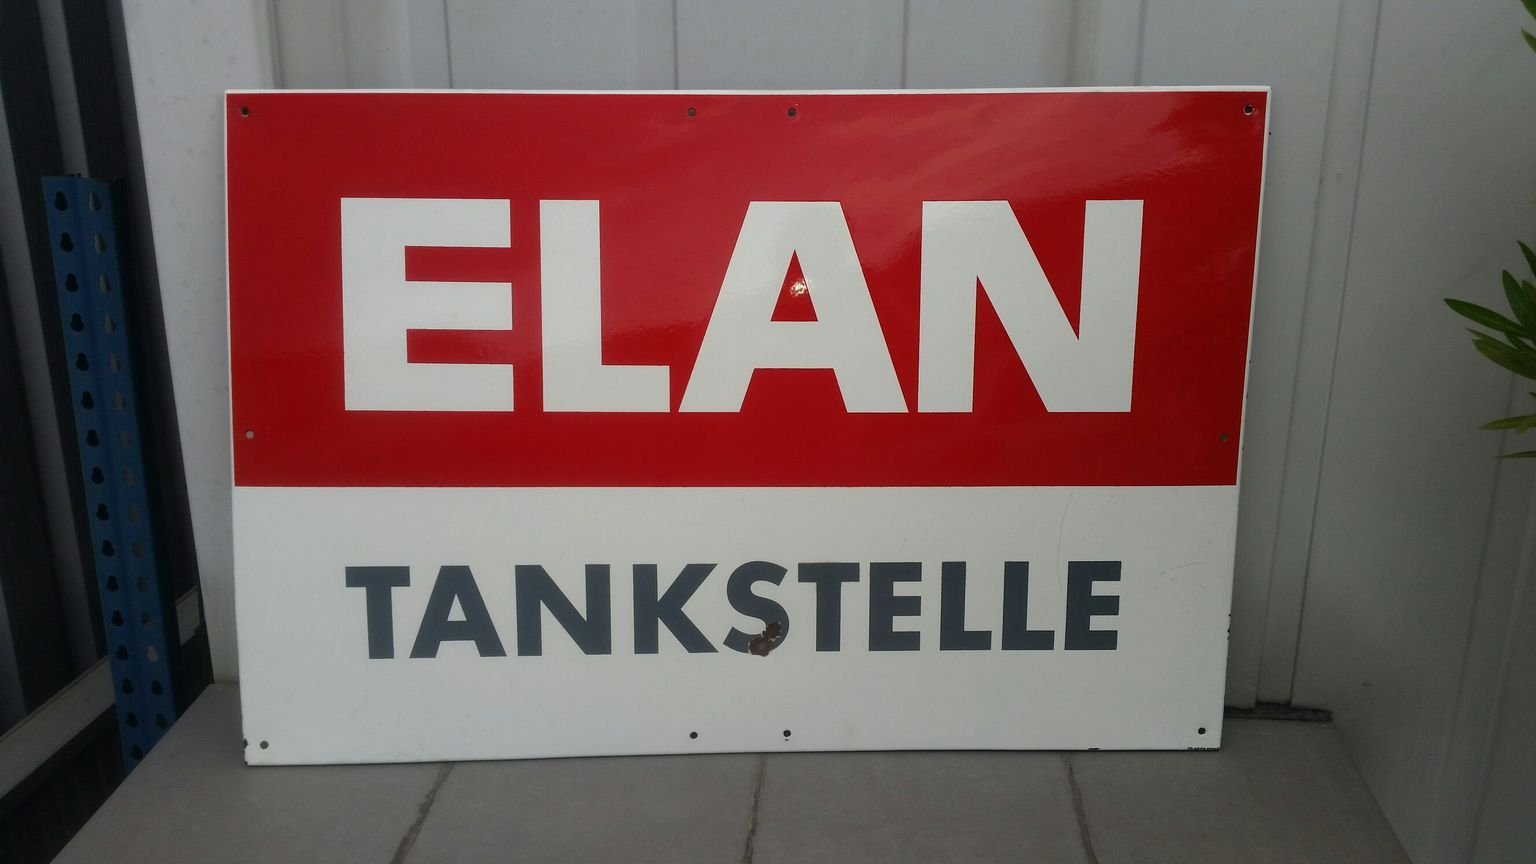 Emailschild Elan Tankstelle Emailschilder, Schilder und